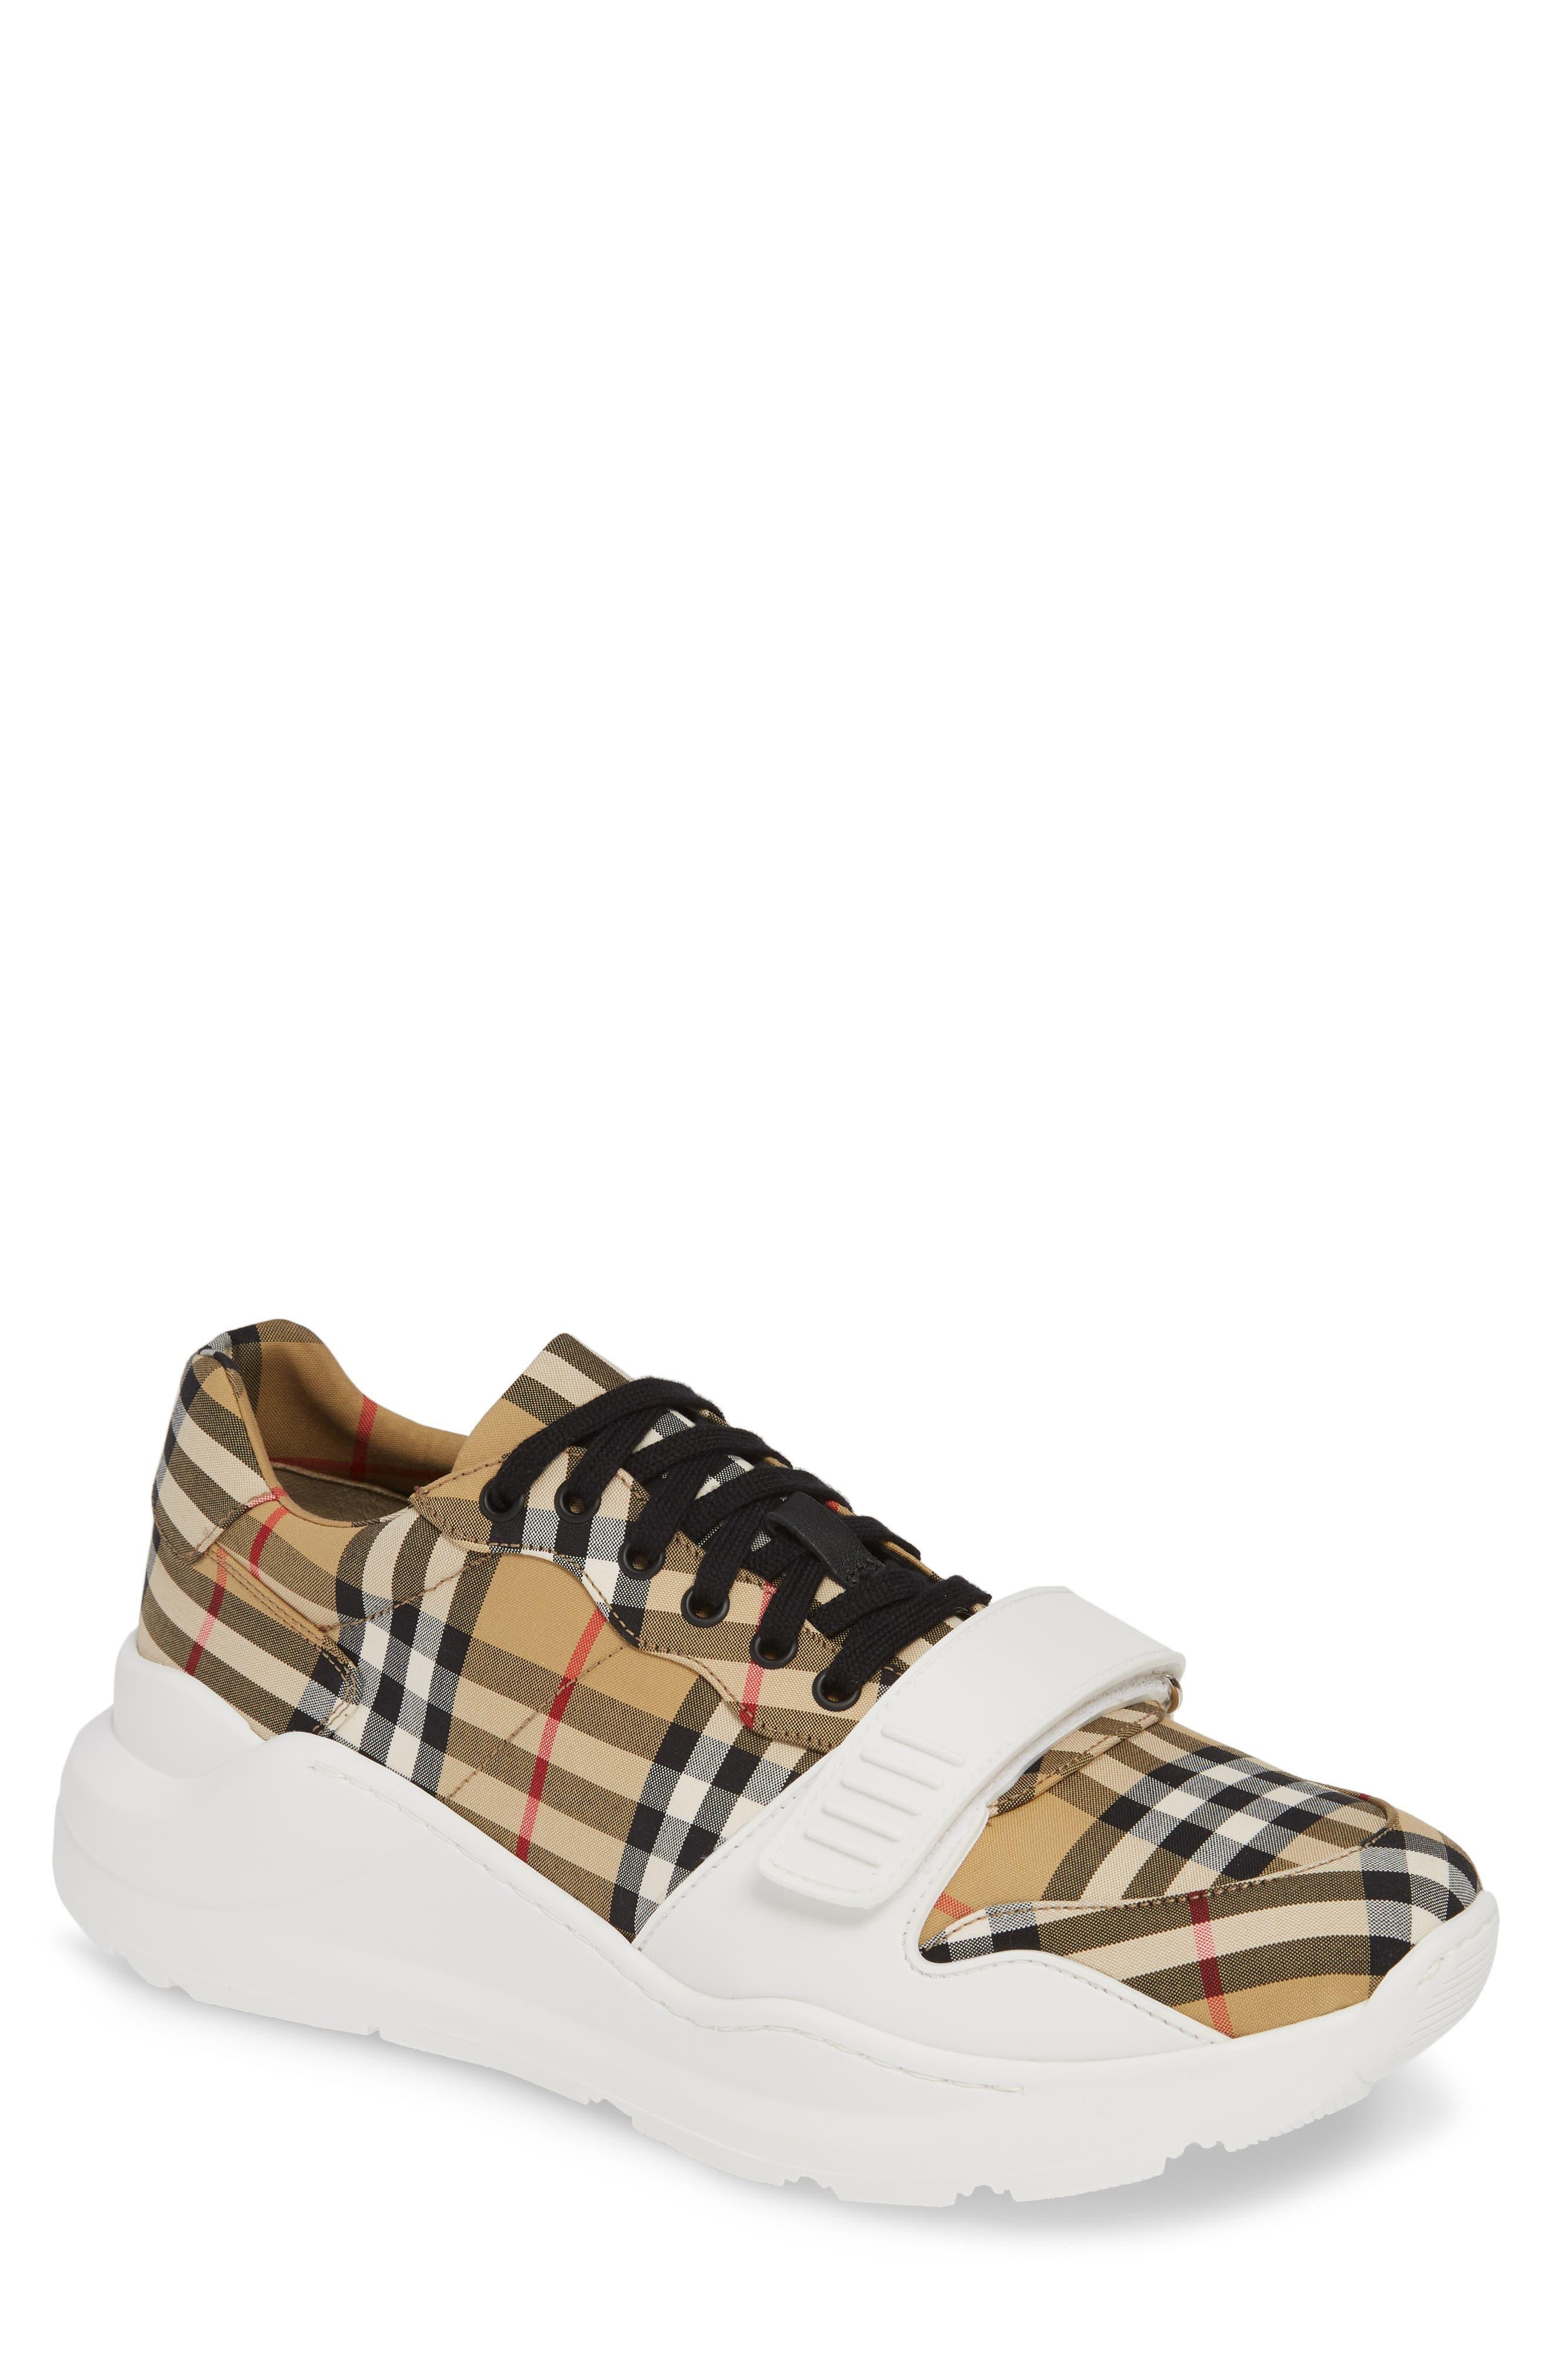 Burberry Regis Sneaker (Men) | Nordstrom